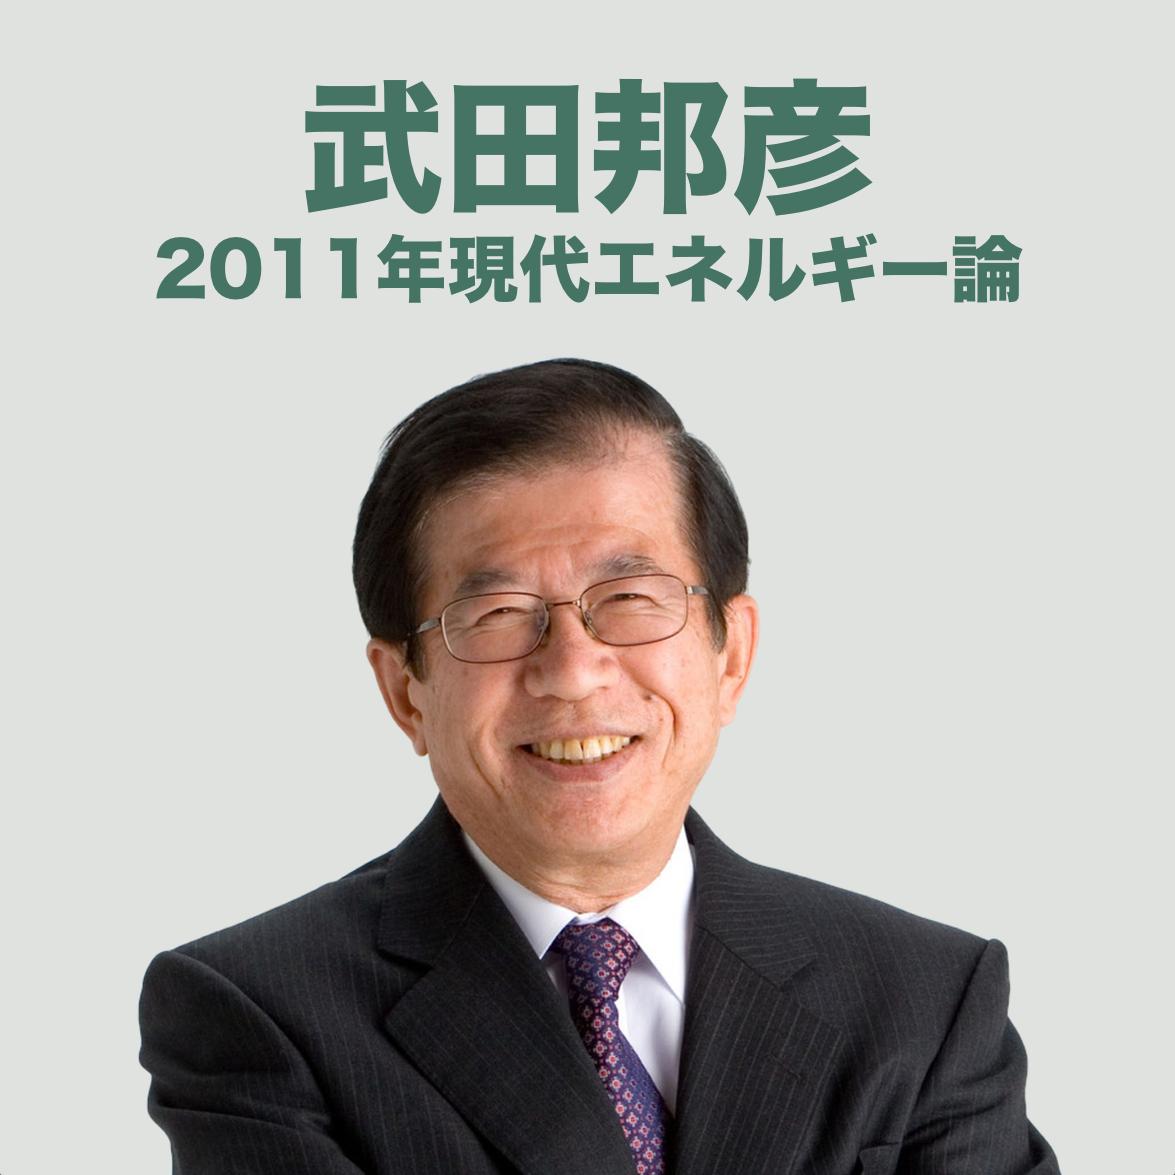 2011現代エネルギー論